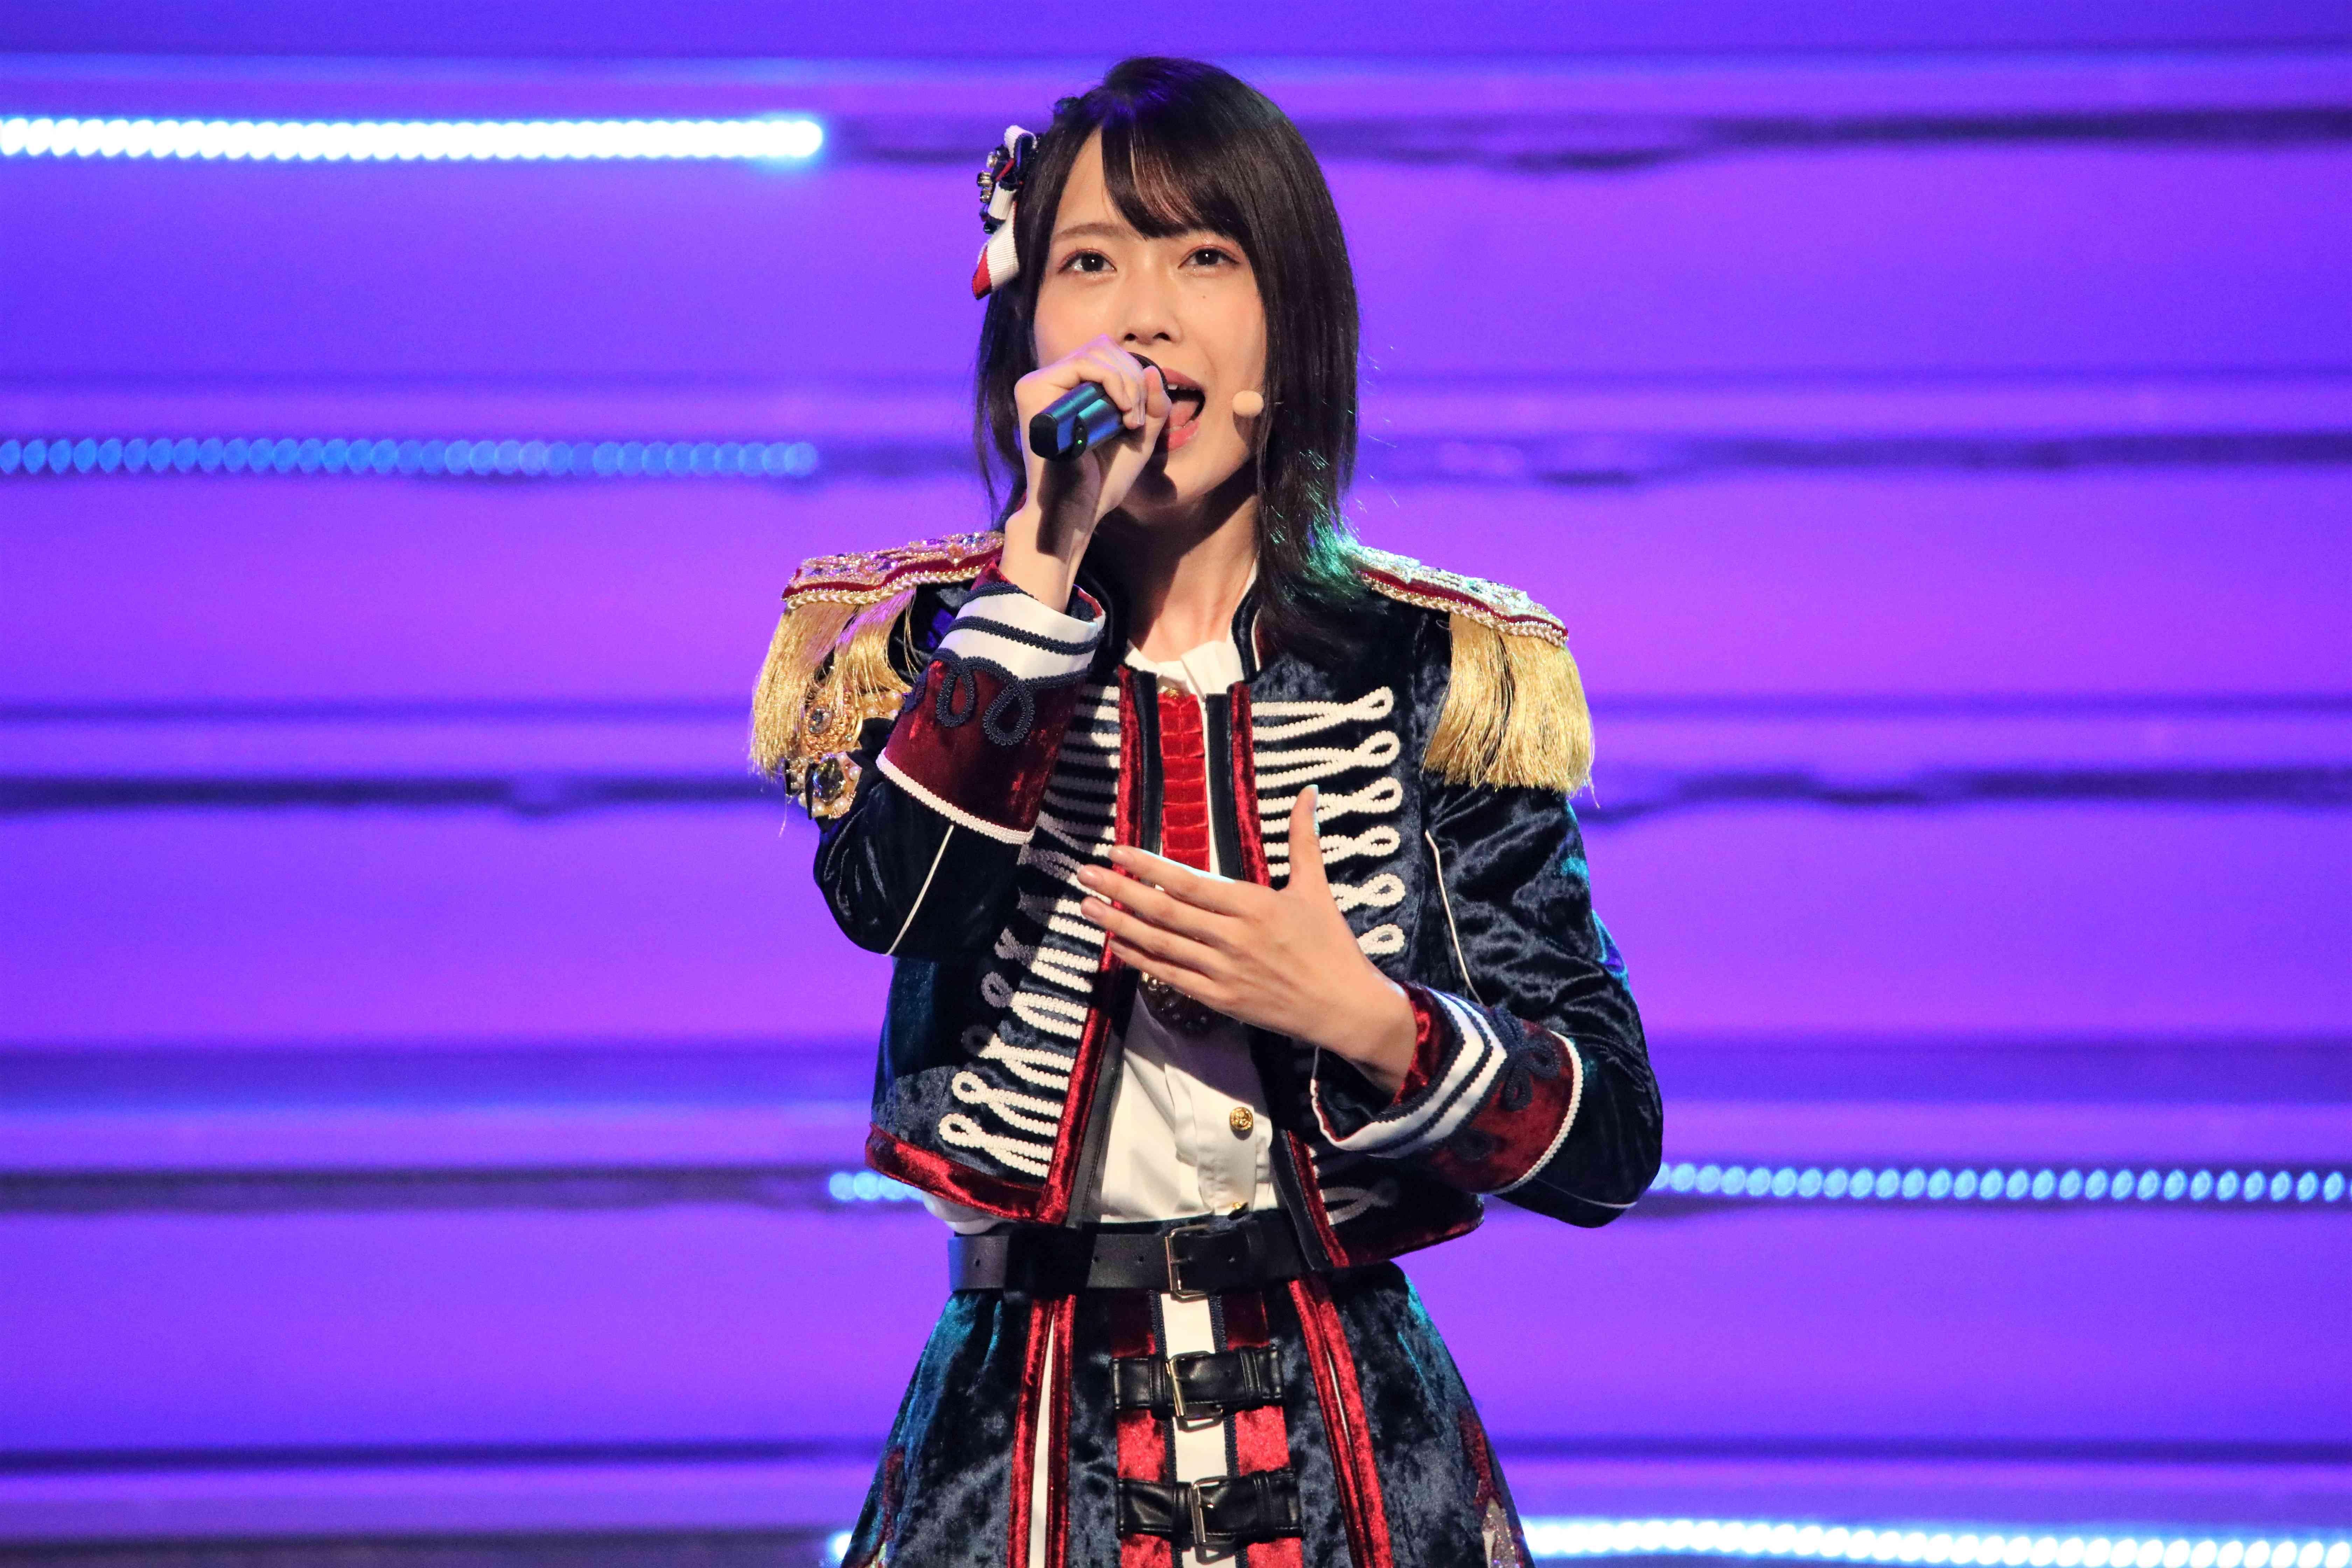 小田えりな「誰のことを一番 愛してる?」©AKB48 THE AUDISHOW製作委員会  無断アップロード及び転送は一切禁止です。